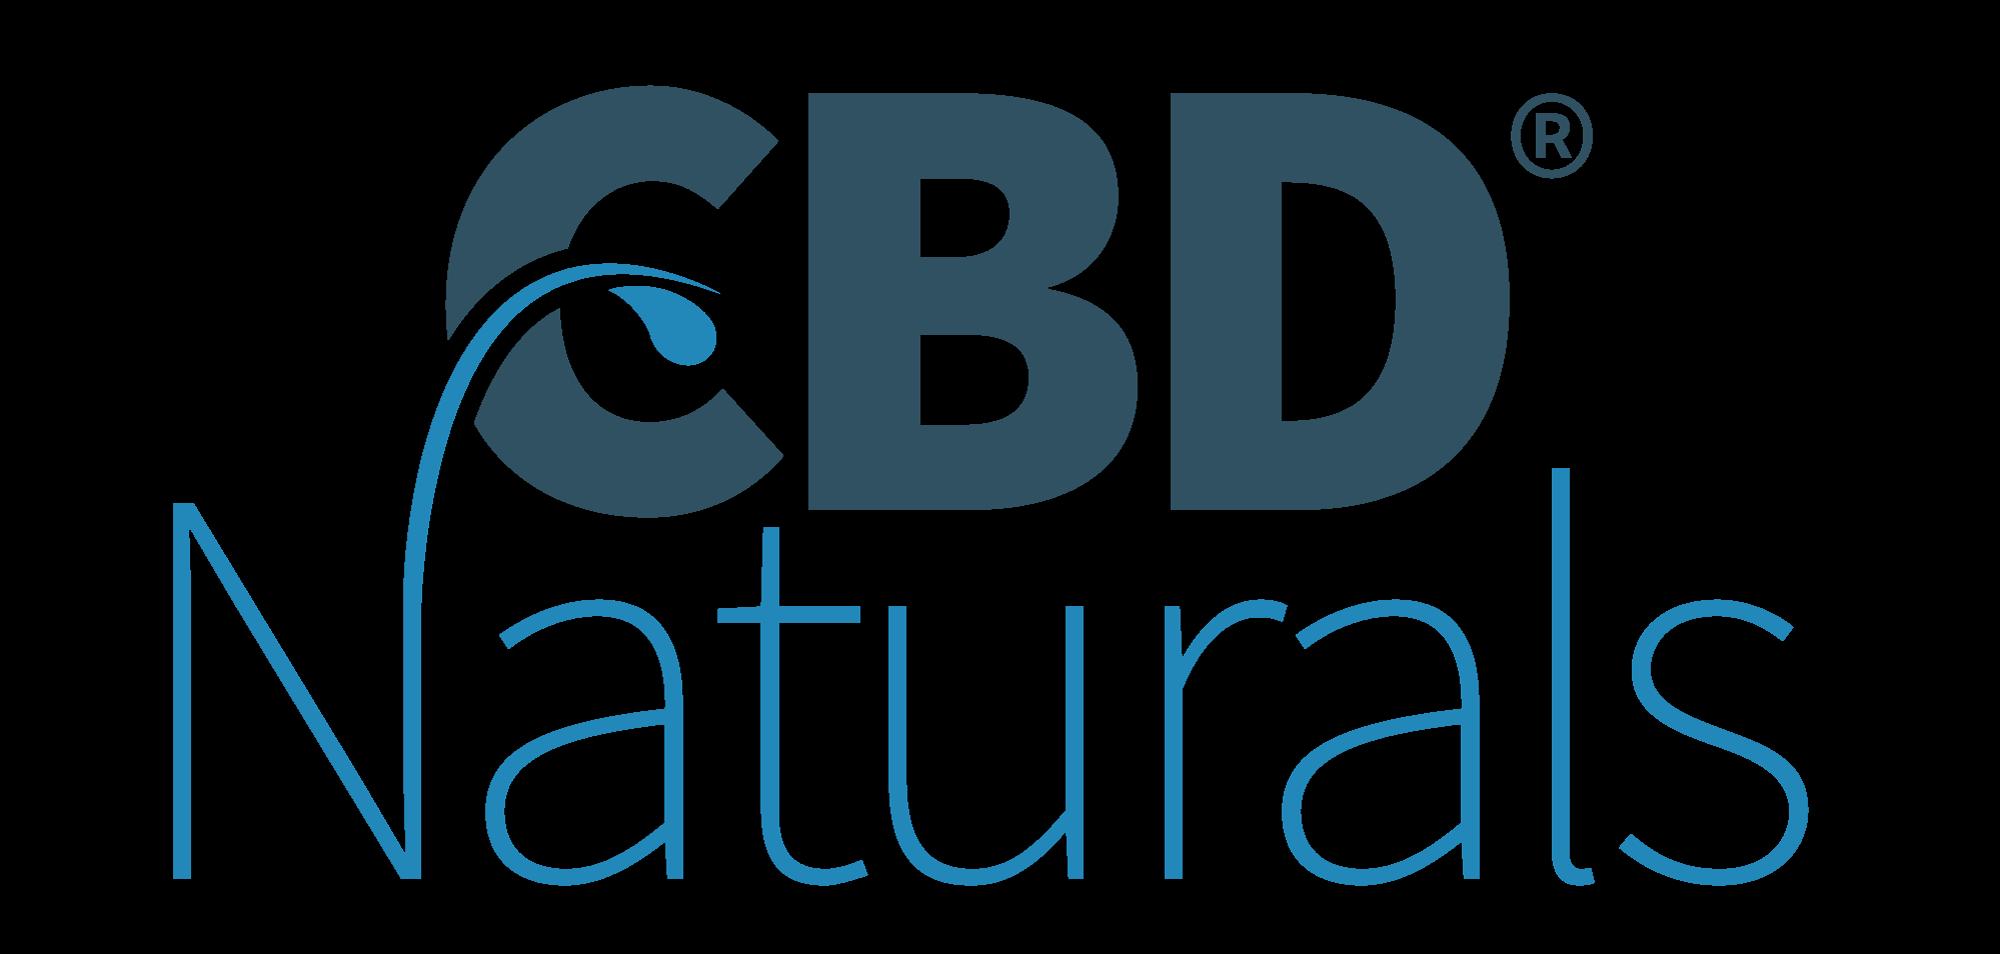 Sky Naturals CBD Coupons and Promo Code